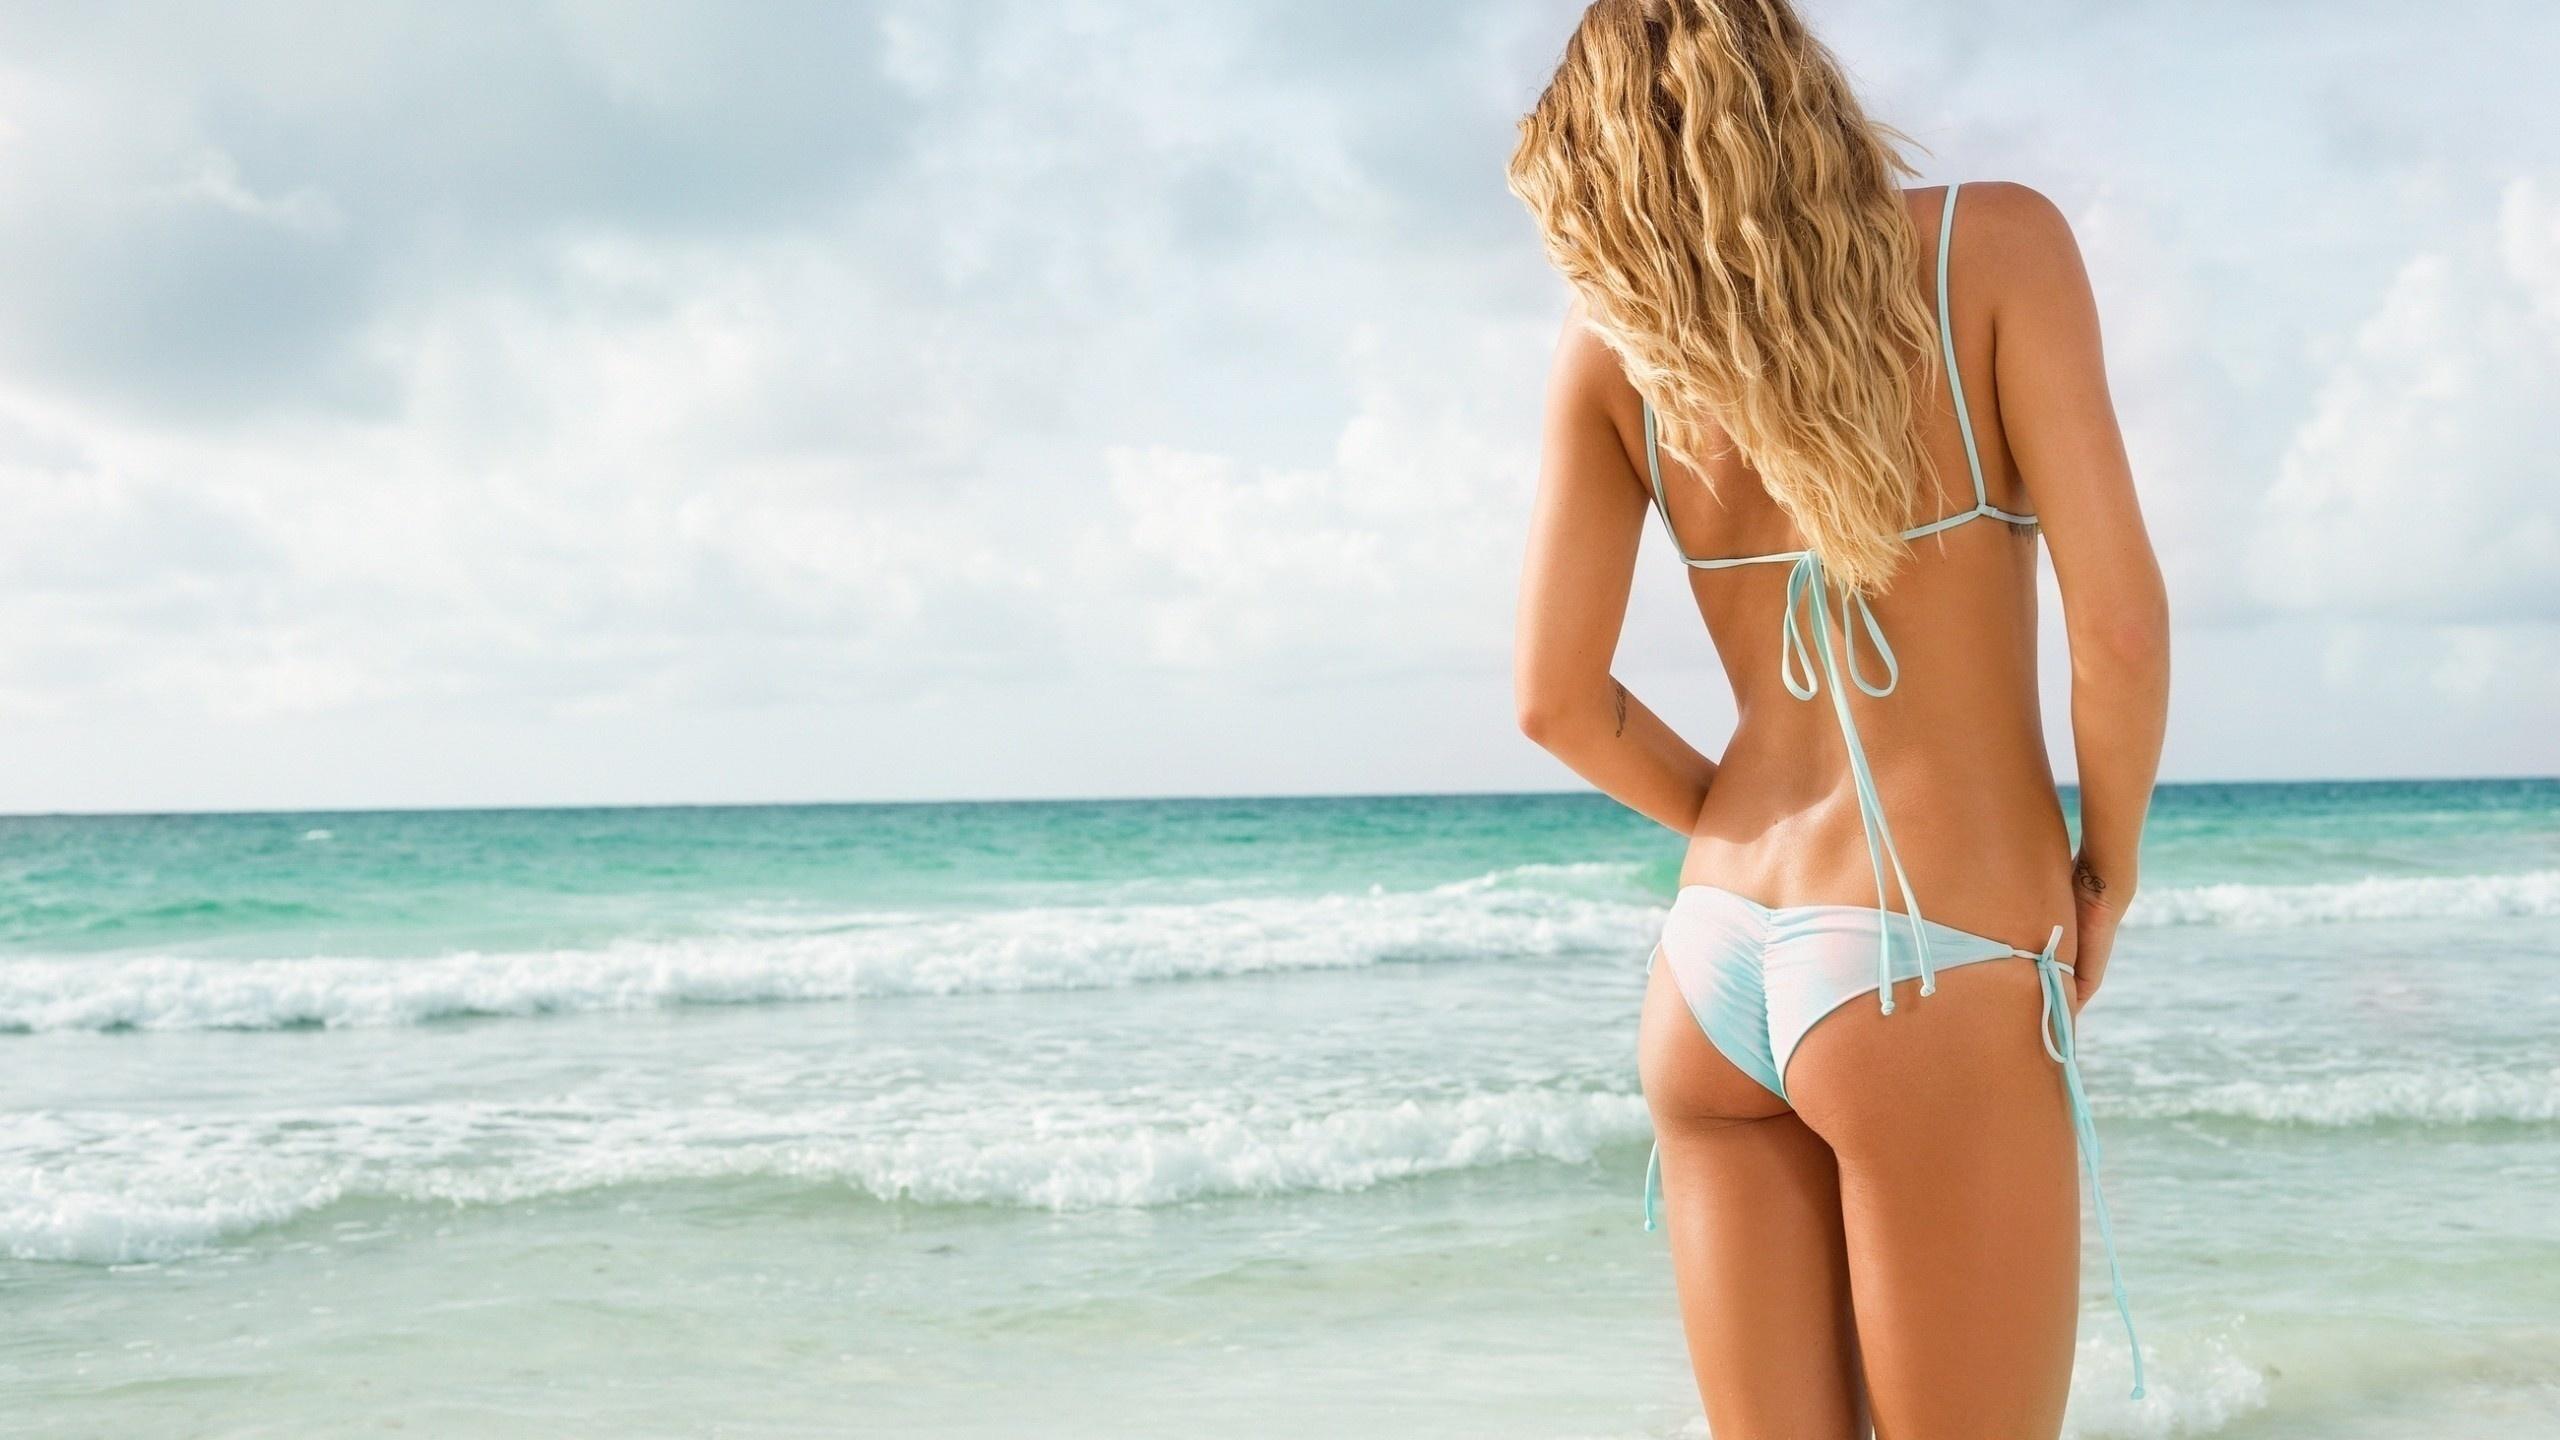 этой позе красивые русские девушки в купальниках вид со спины время